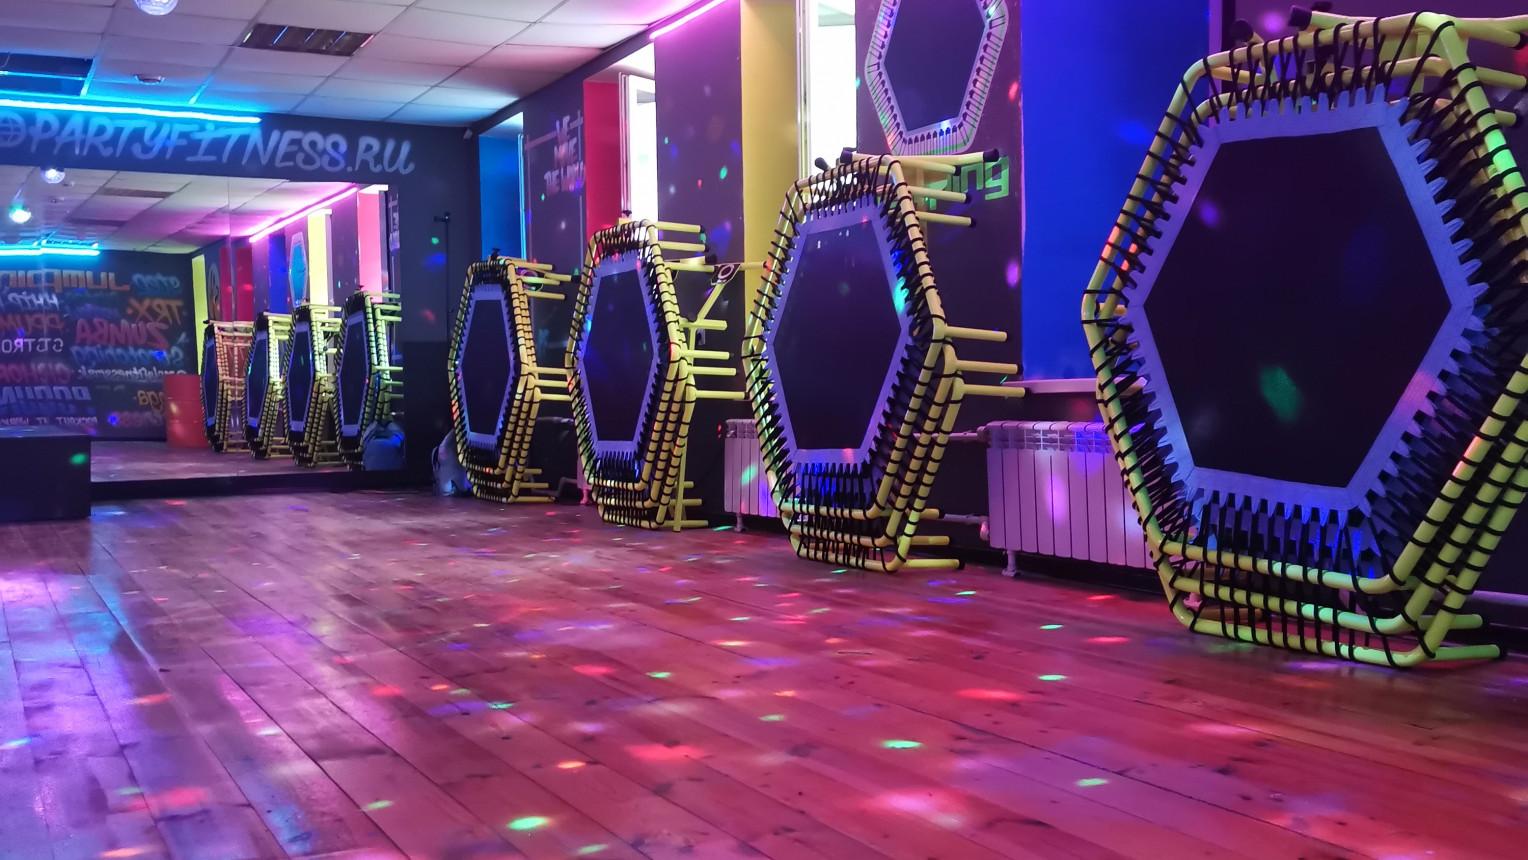 Спортивно-танцевальный зал